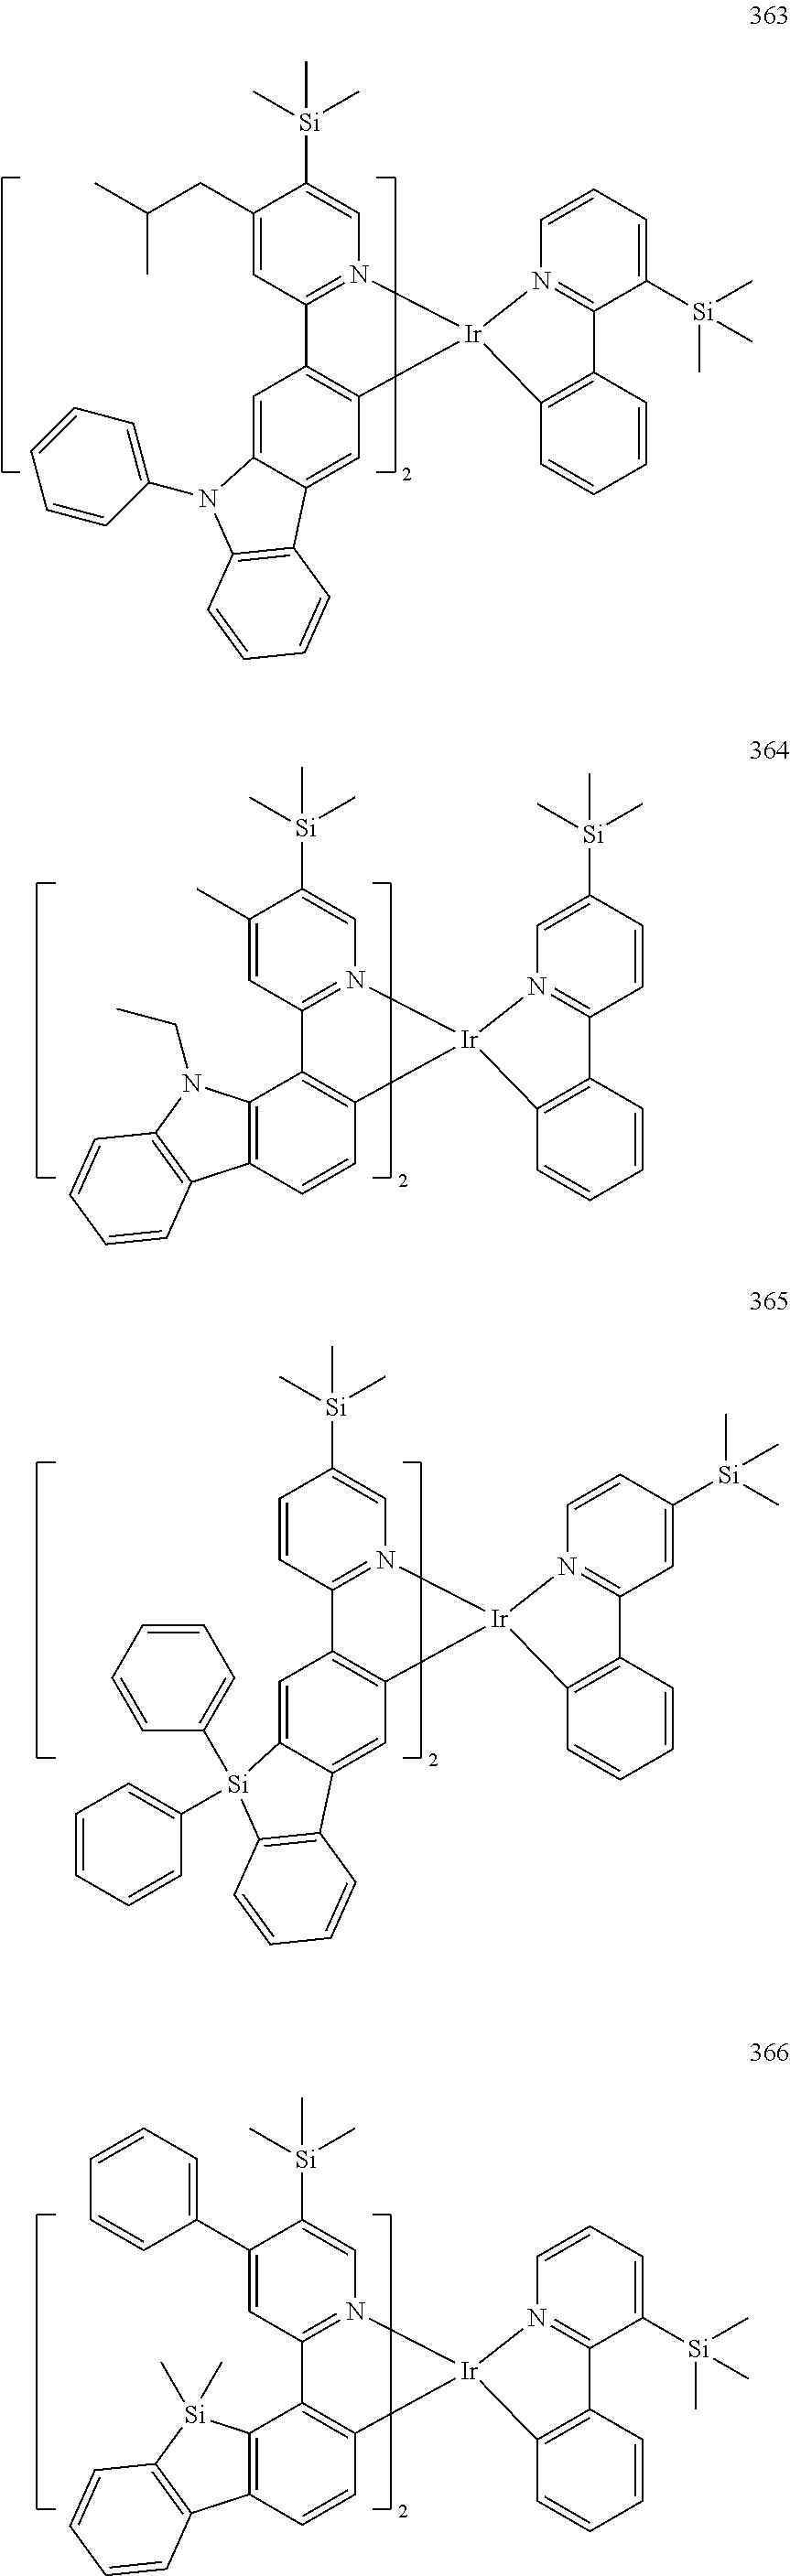 Figure US20160155962A1-20160602-C00430